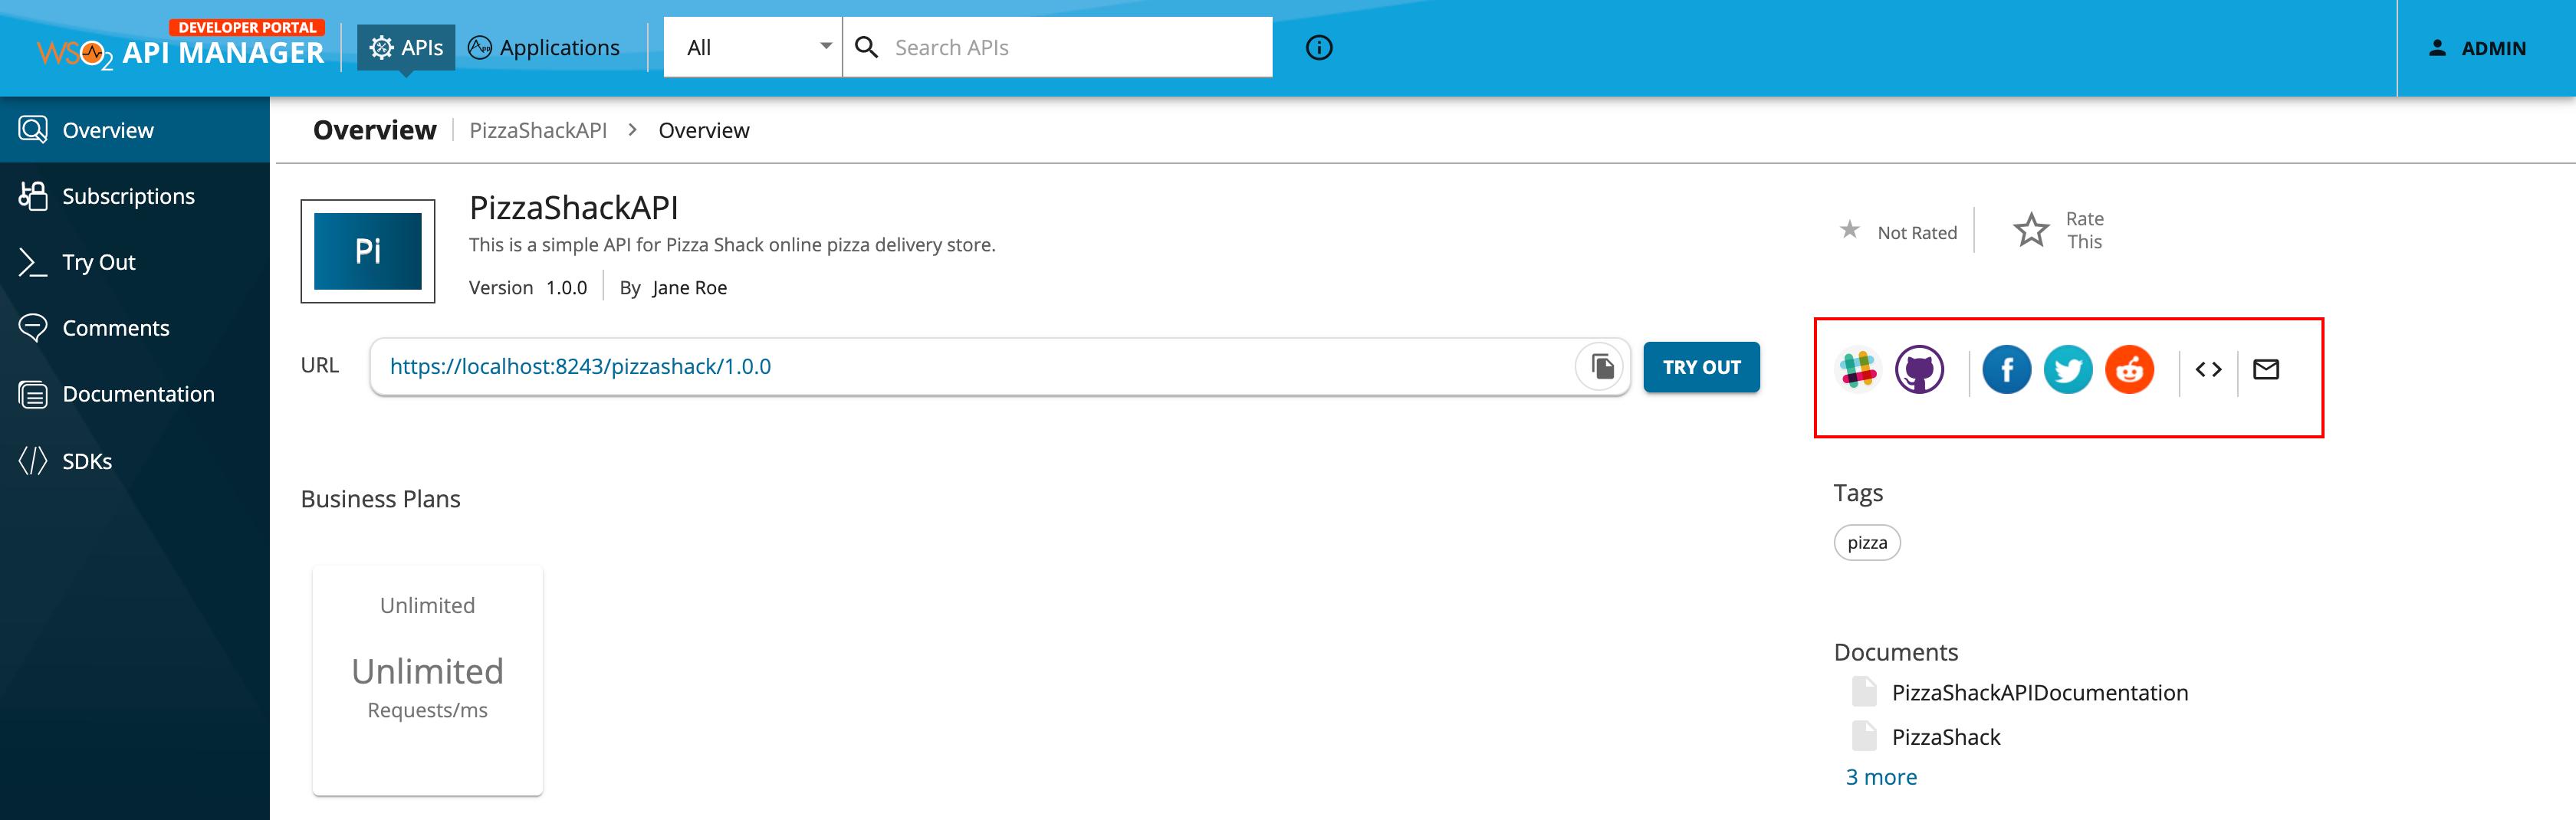 Developer Portal community links with Slack and Github